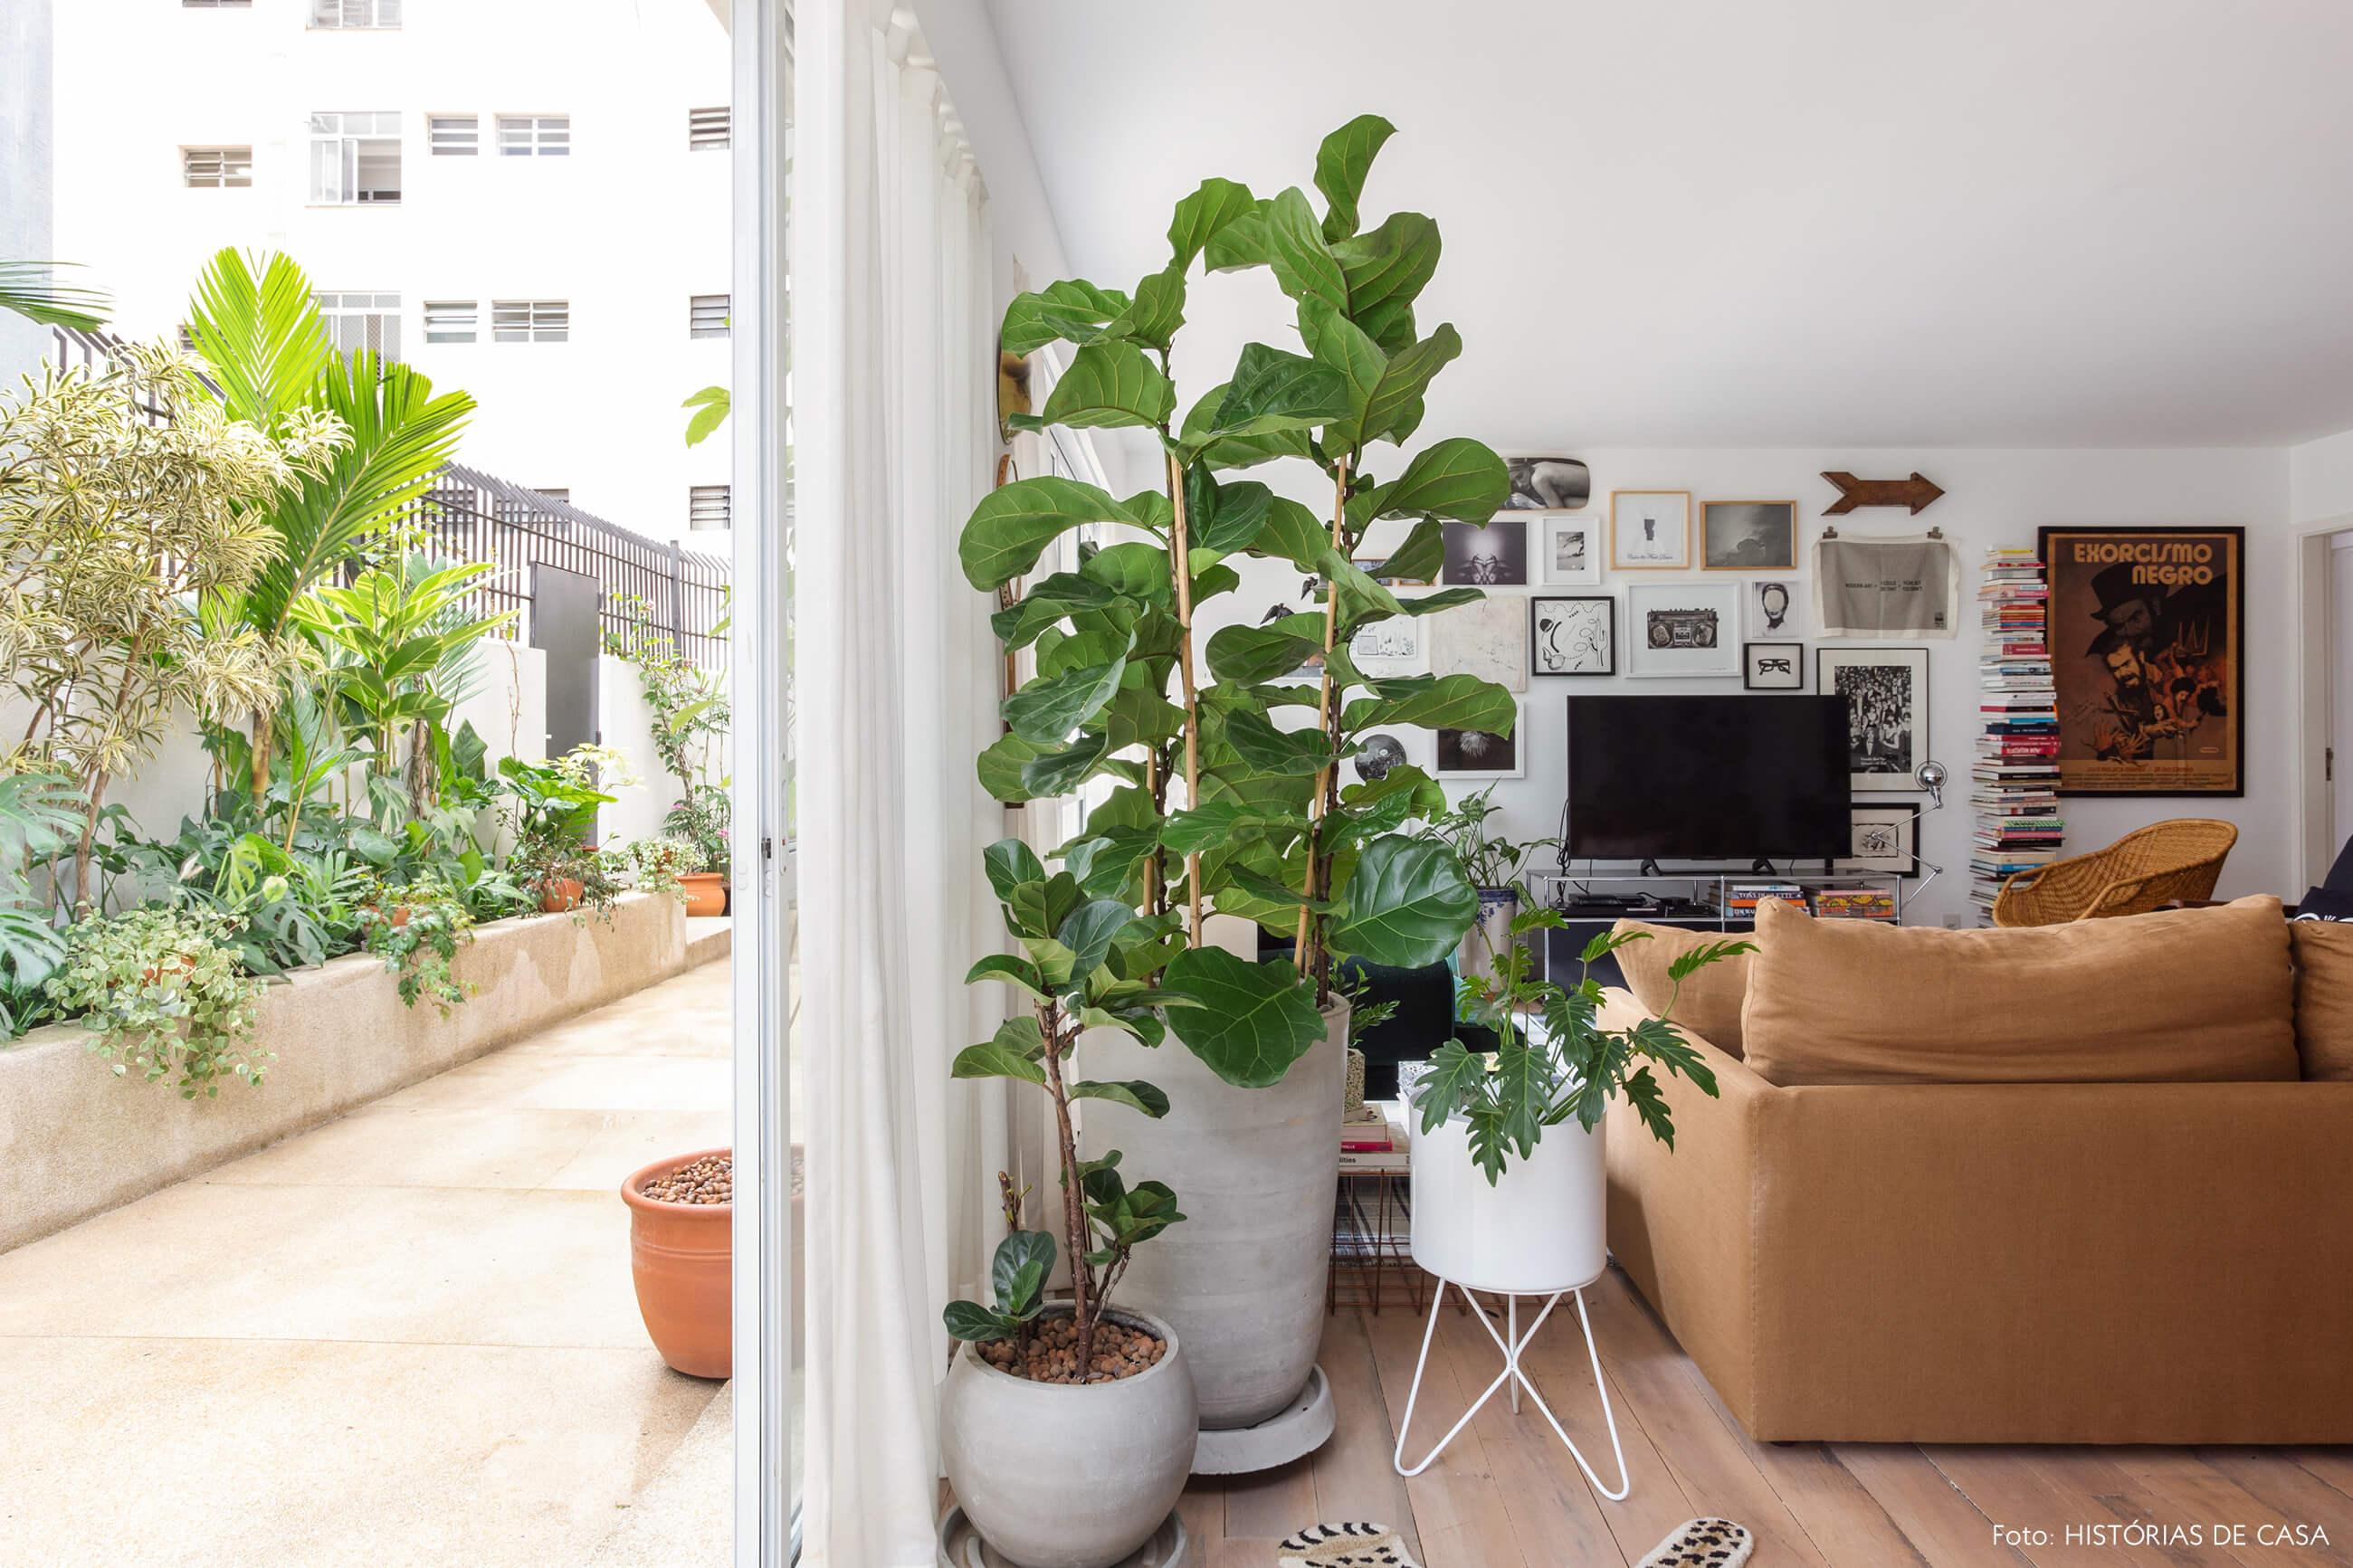 Sala de estar integrada ao jardim em apartamento térreo